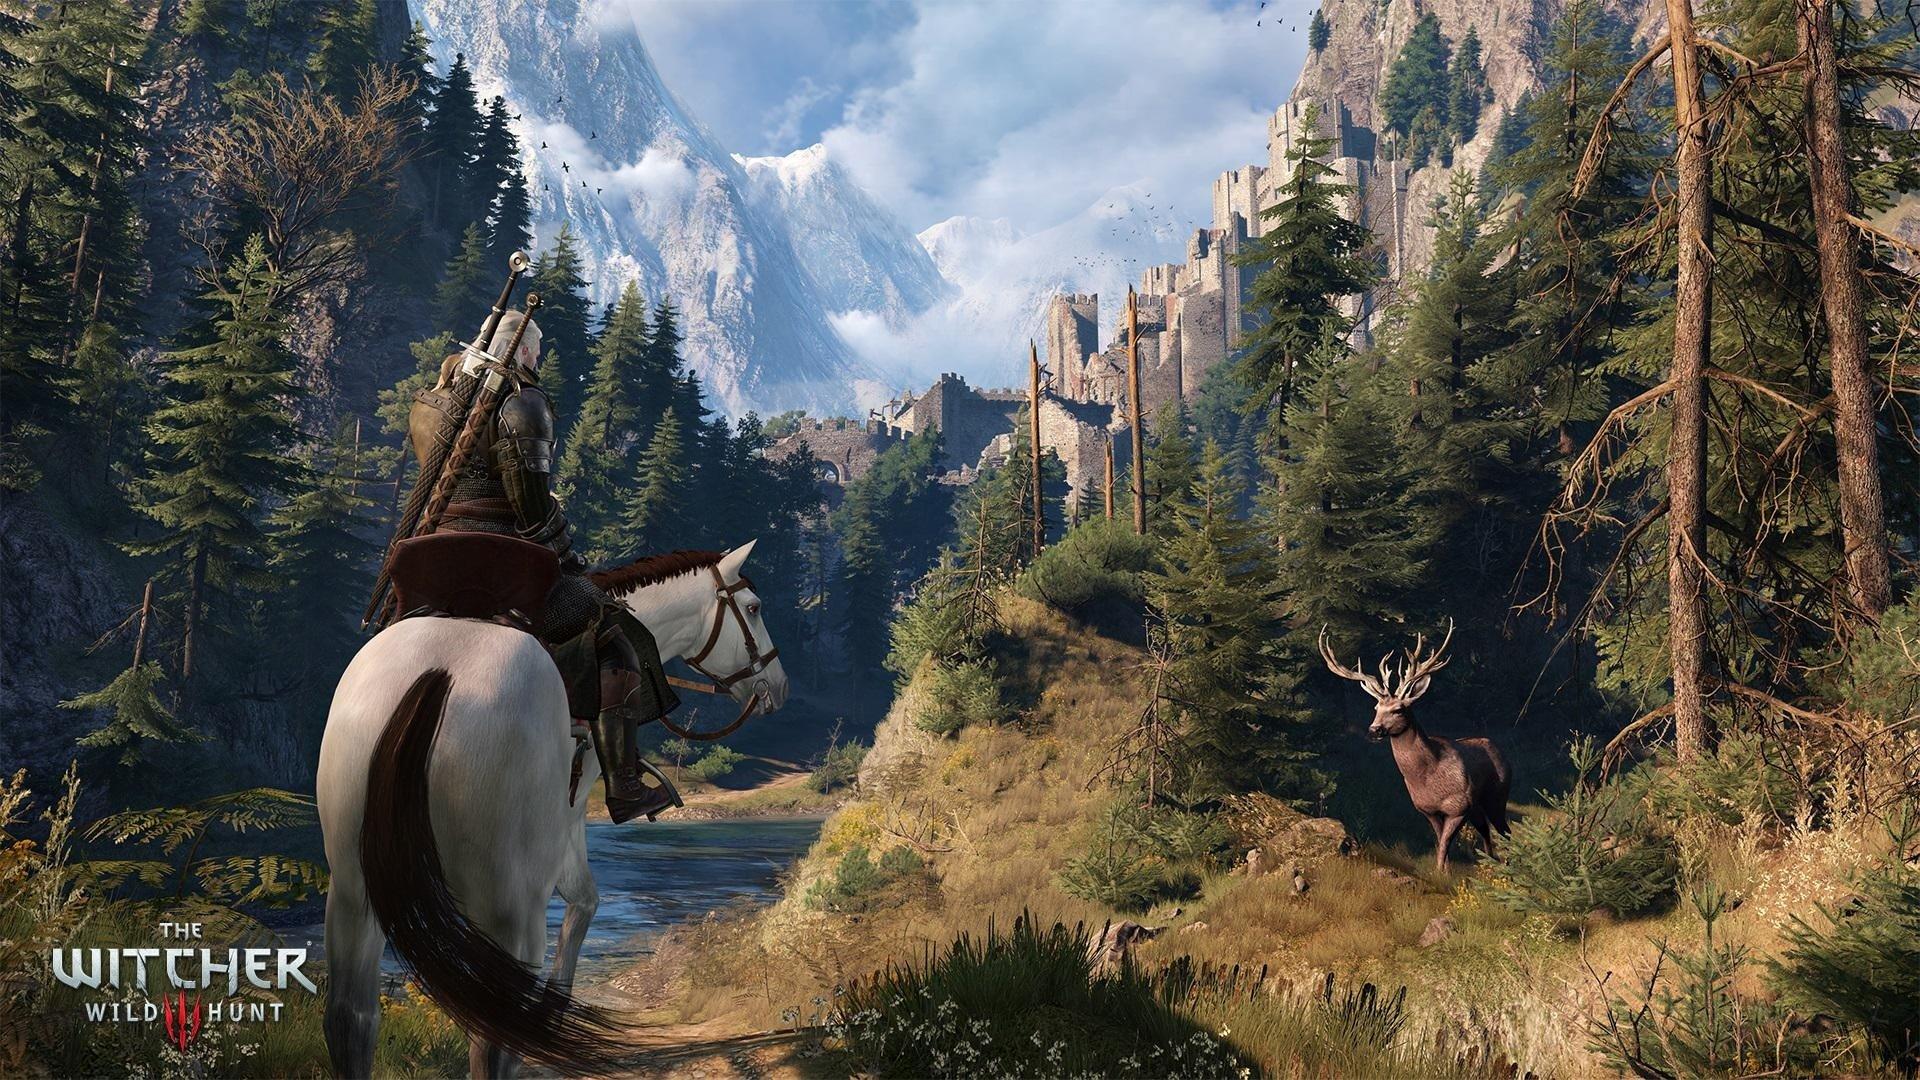 The Witcher 3: Wild Hunt. Все самое интересное за прошедшее время и новые факты.   Факты.    •Если вы хотите заработ ... - Изображение 10